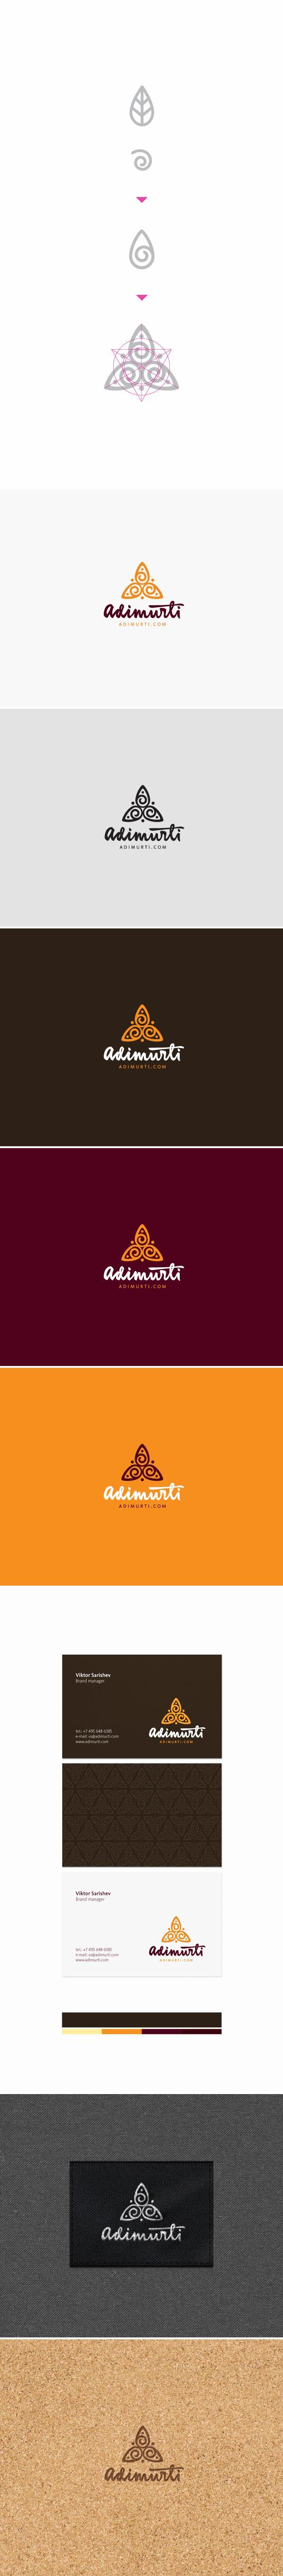 Adimurti - Logos - Creattica